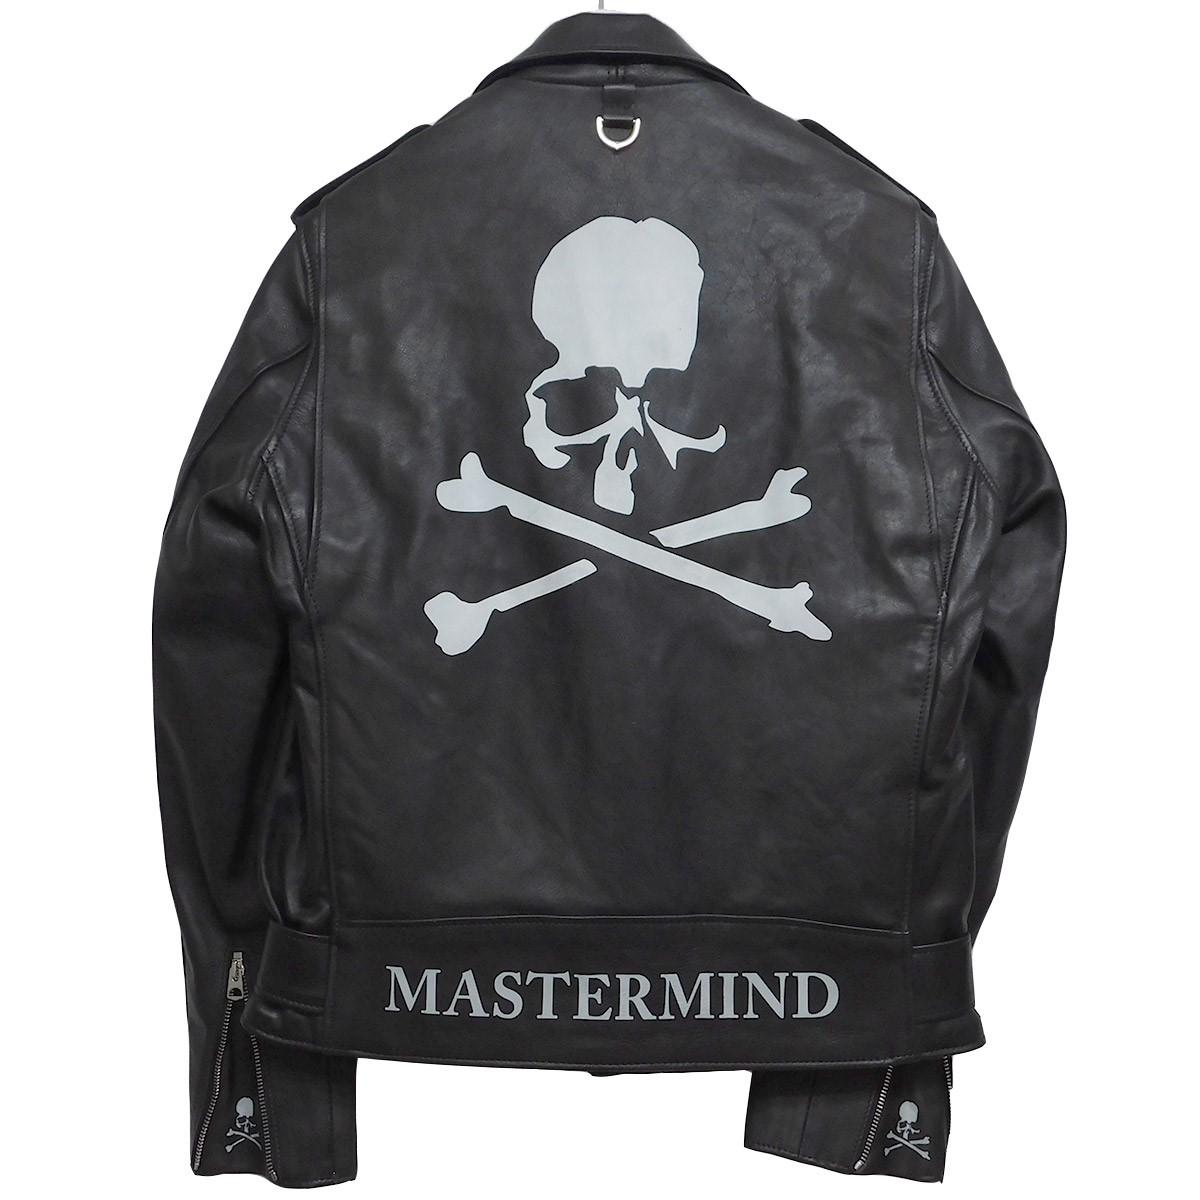 【中古】MASTERMIND WORLD×SCHOTT 613MM ONESTAR MASTERMIND ワンスター ダブルライダース ブラック サイズ:40 【150720】(マスターマインドワールド ショット)